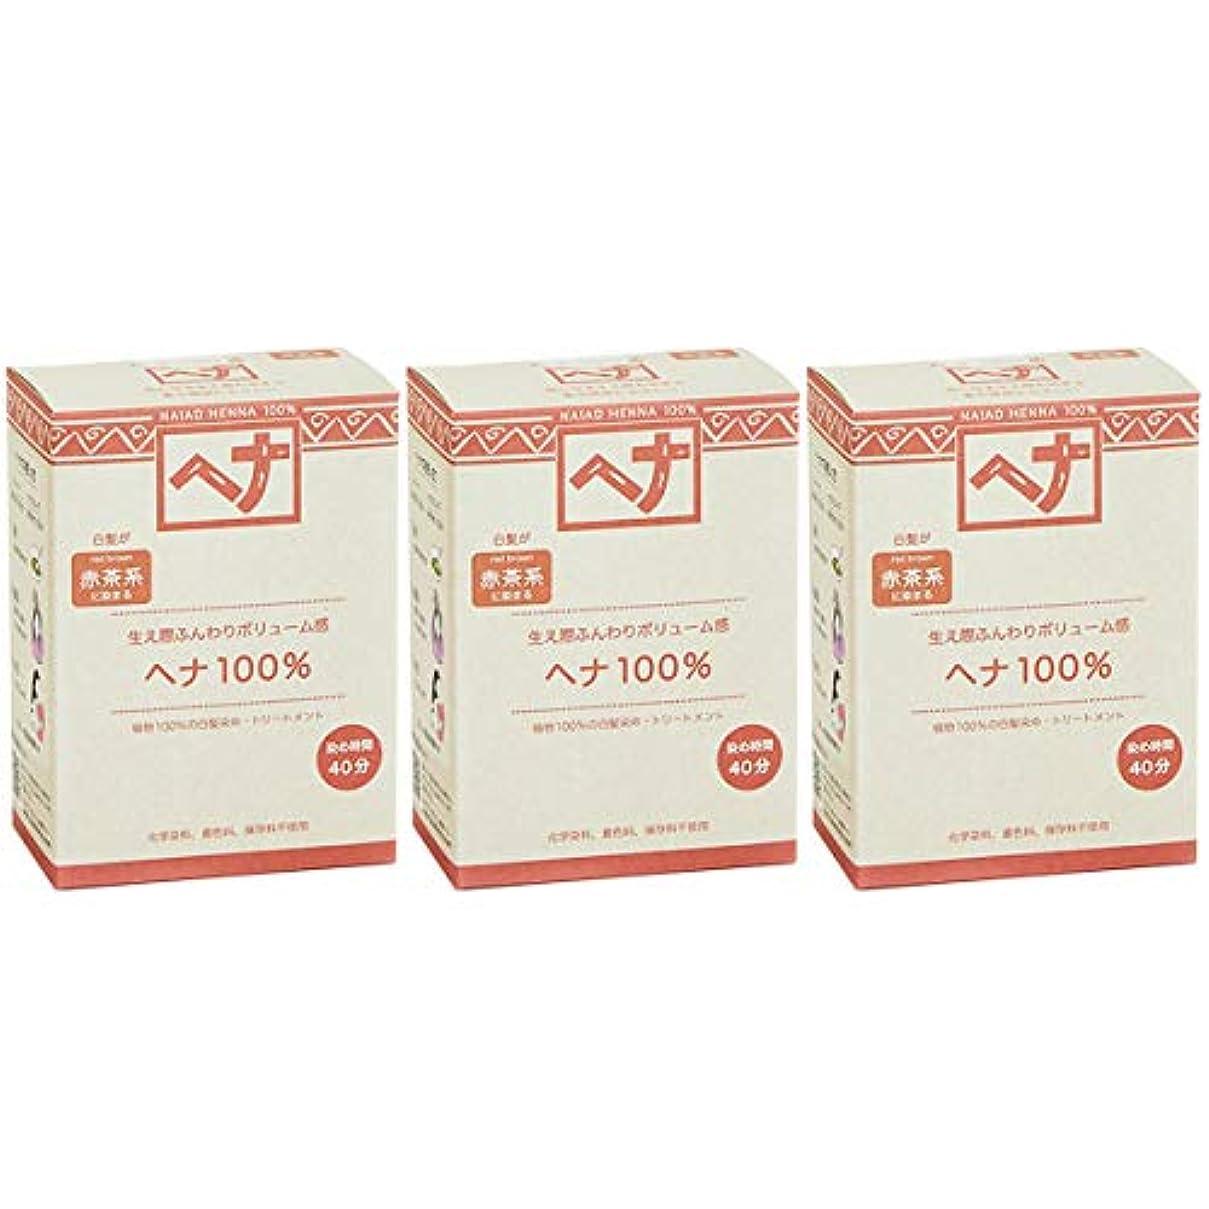 一致する優越シャイナイアード ヘナ 100% 赤茶系 生え際ふんわりボリューム感 100g 3個セット 白髪染め 100%植物でつくられた自然素材